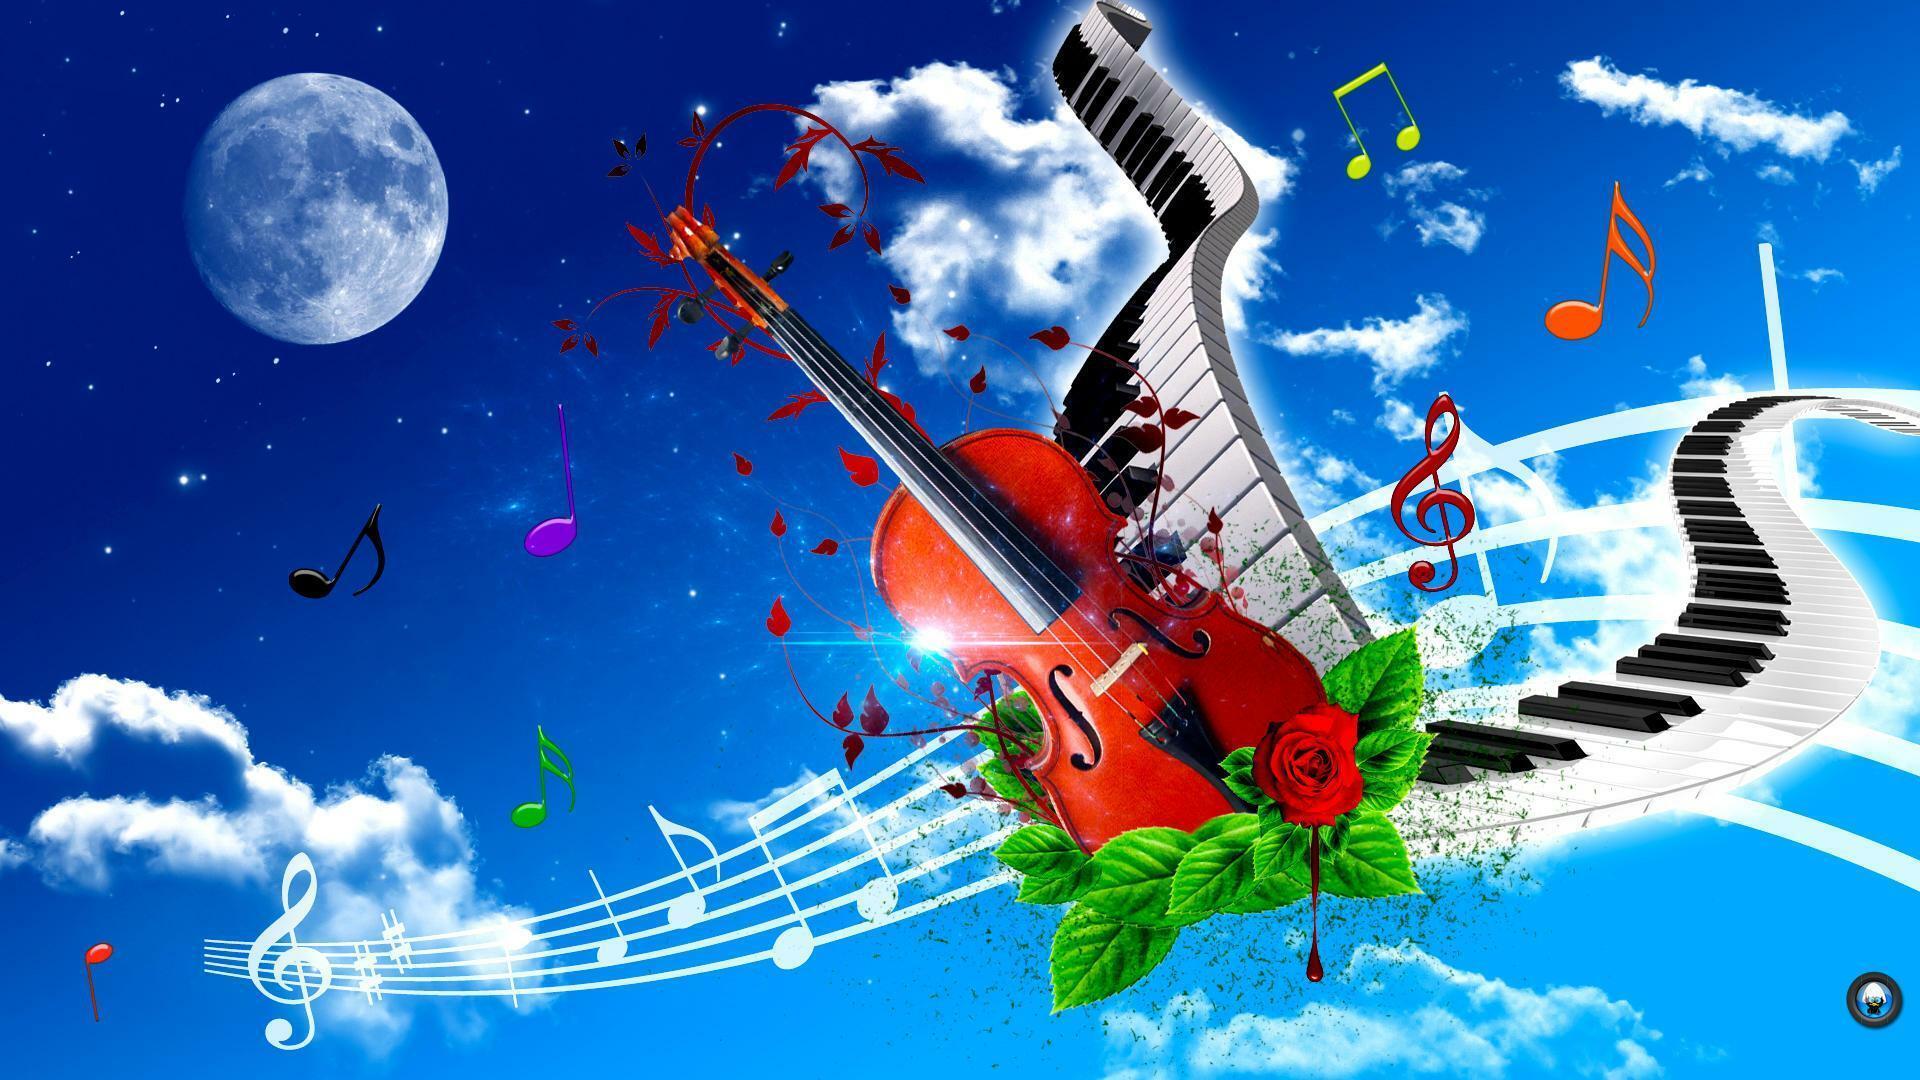 Красивые картинки и музыка к ним, картинкой анимацией прикольные